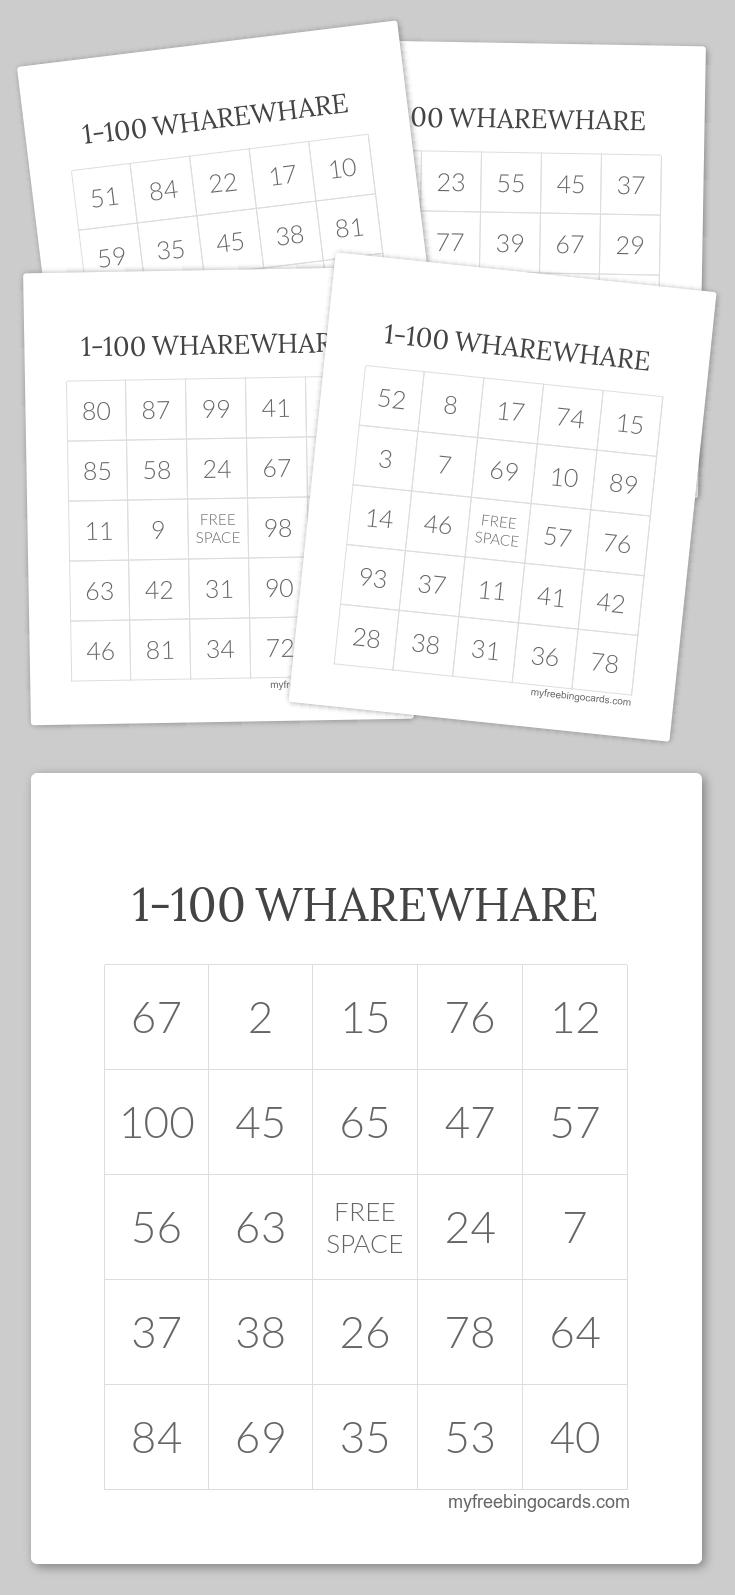 1-100 Wharewhare Bingo | Wharewhare 1-100 | Pinterest | Free - Free Printable Bingo Cards 1 100